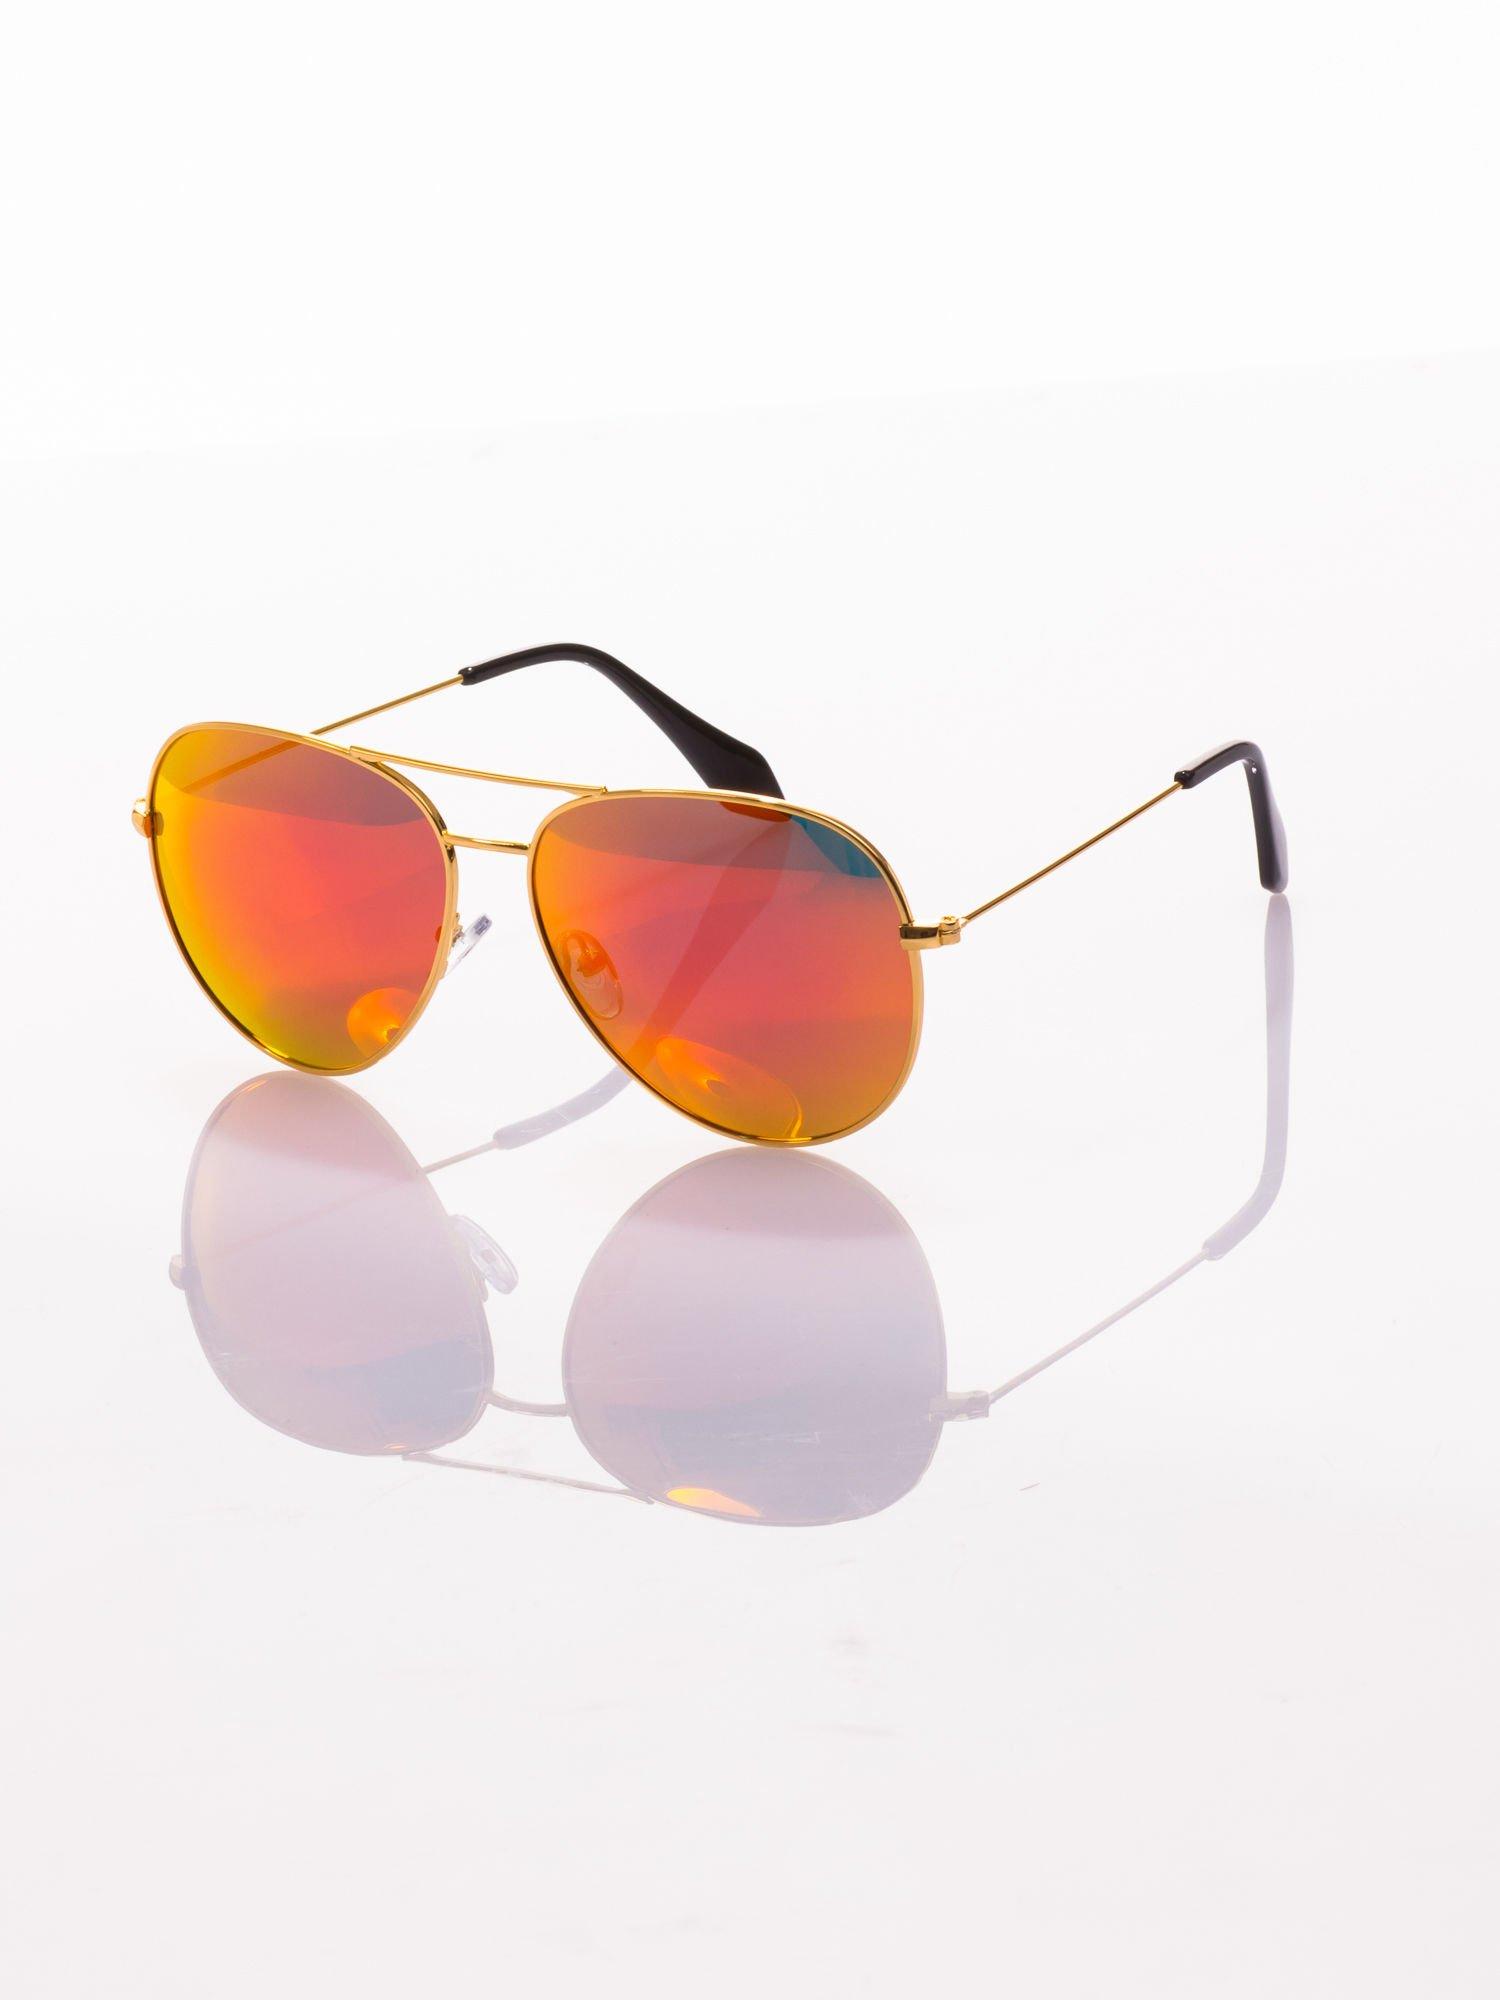 Okulary przeciwsłoneczne z POLARYZACJĄ typu AVIATOR LUSTRZANKA                                  zdj.                                  2